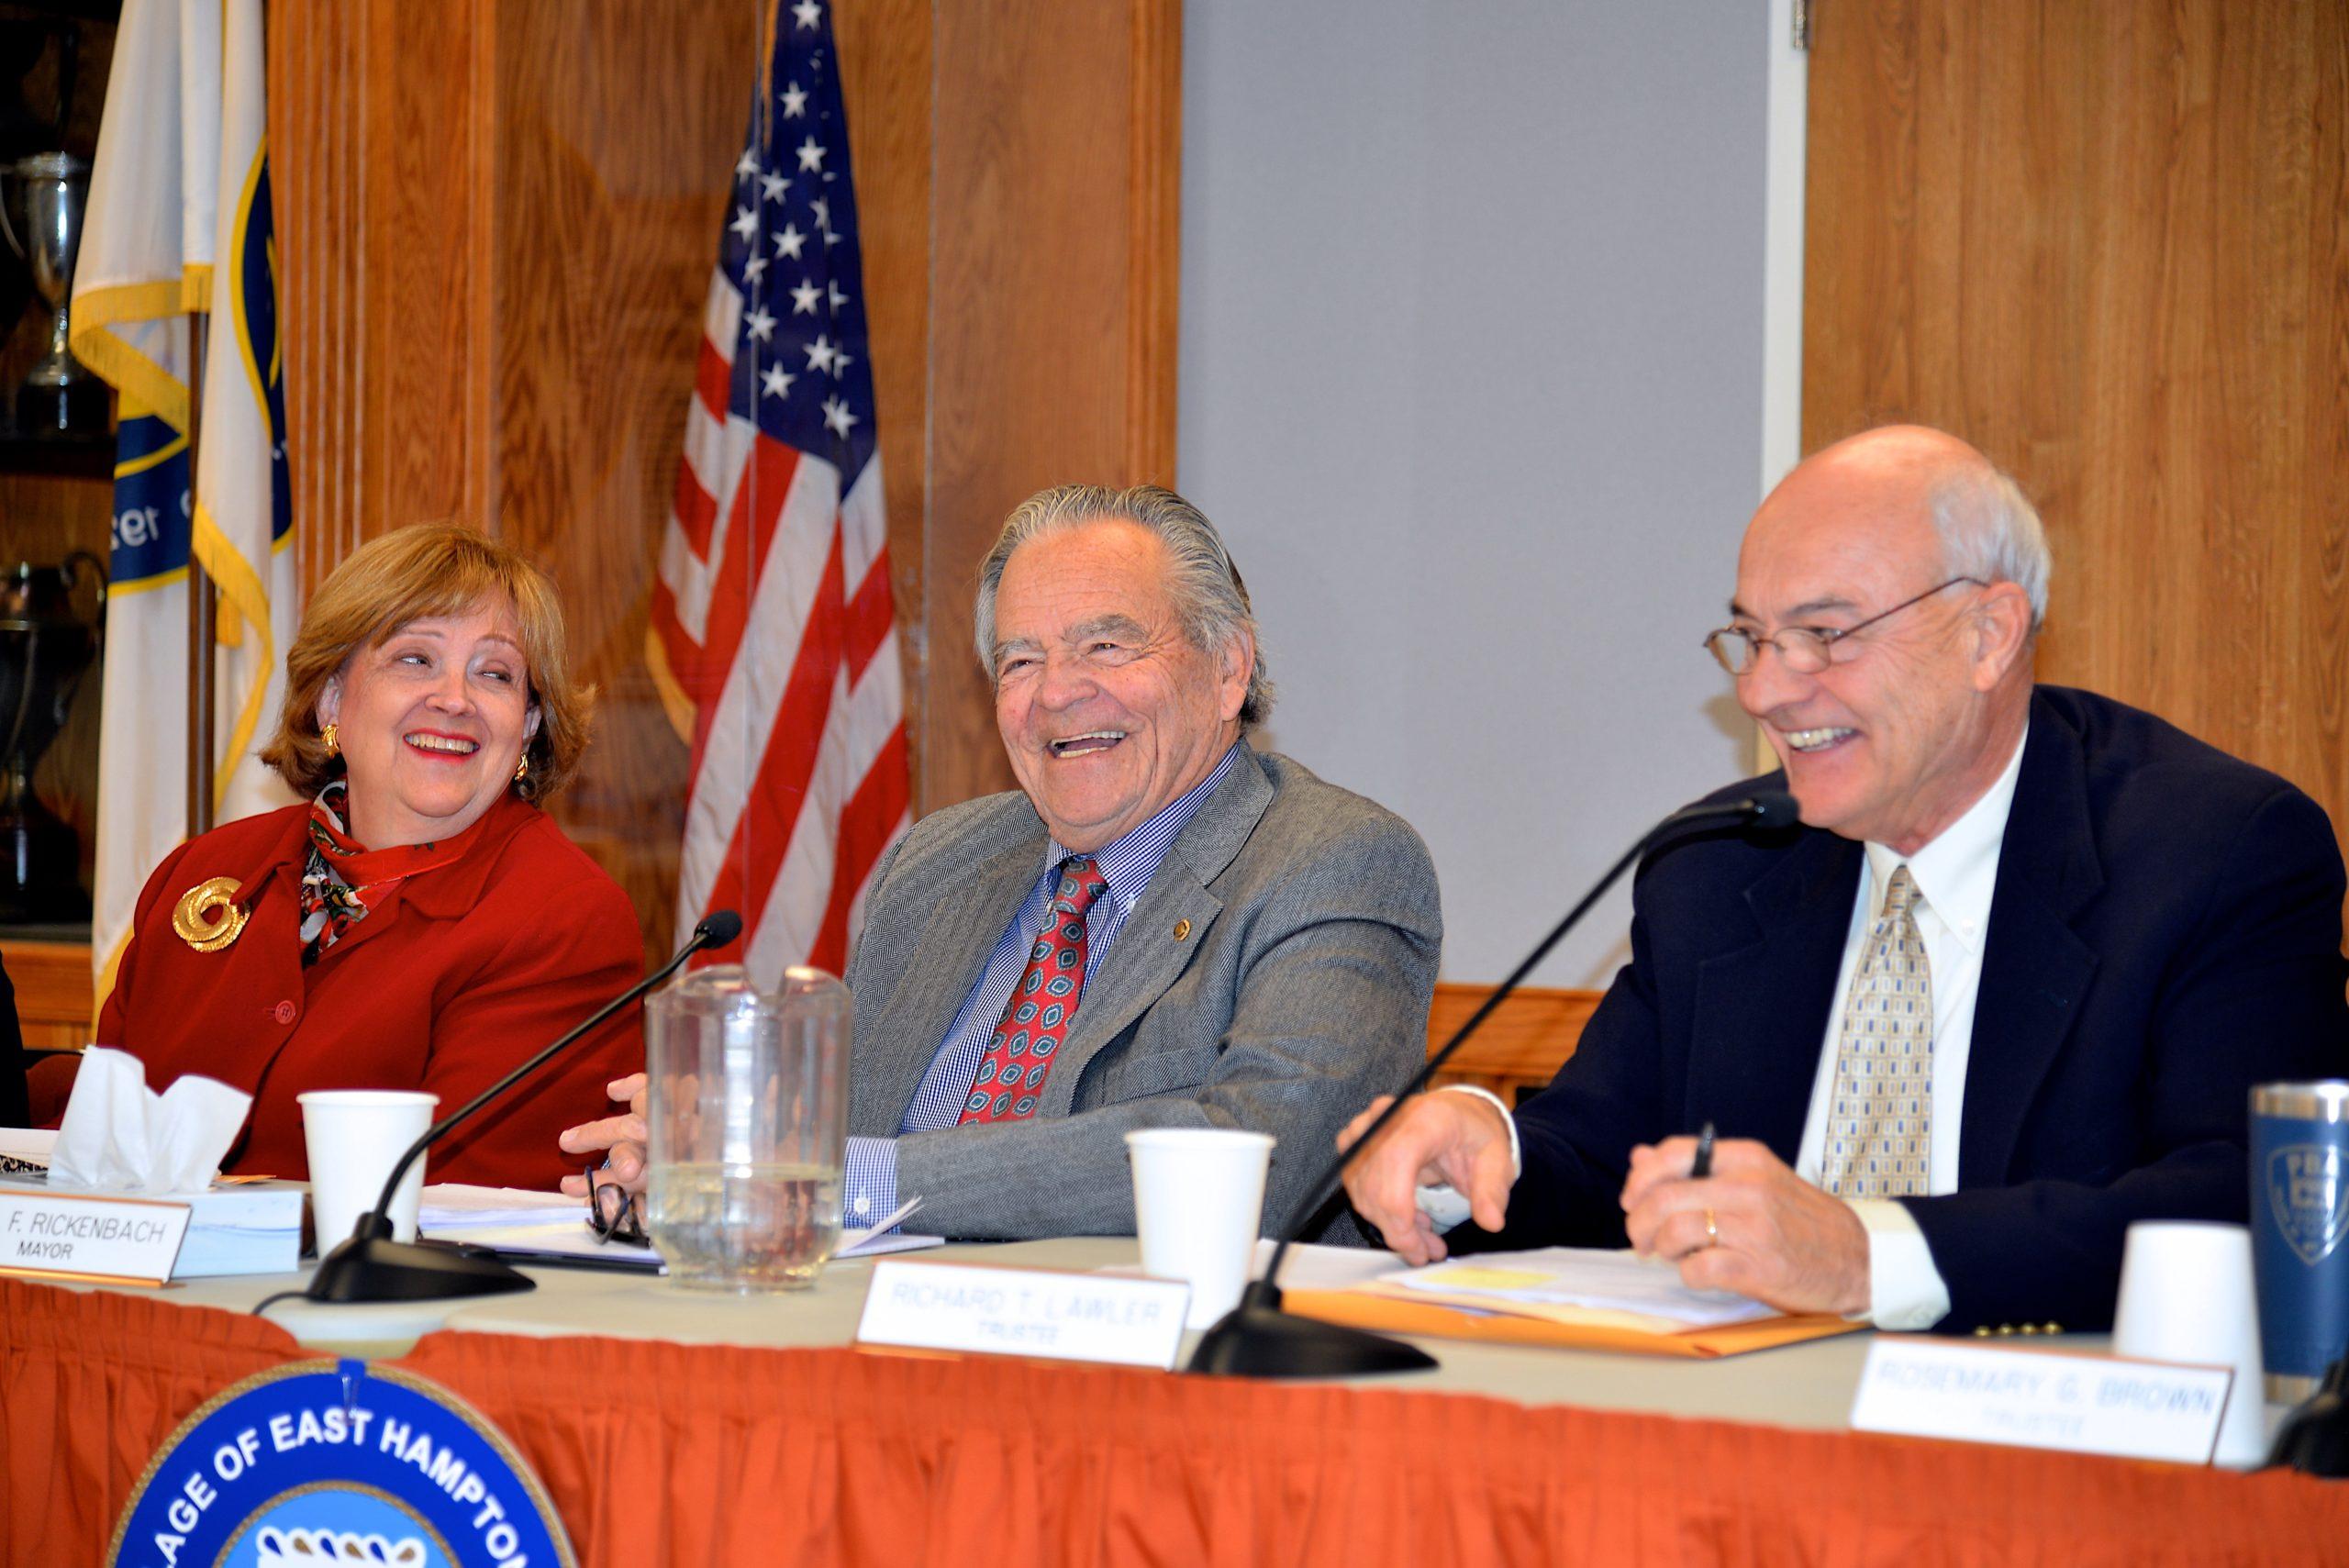 Barbara Borsack, Paul Rickenbach Jr. and Richard Lawler   KYRIL BROMLEY